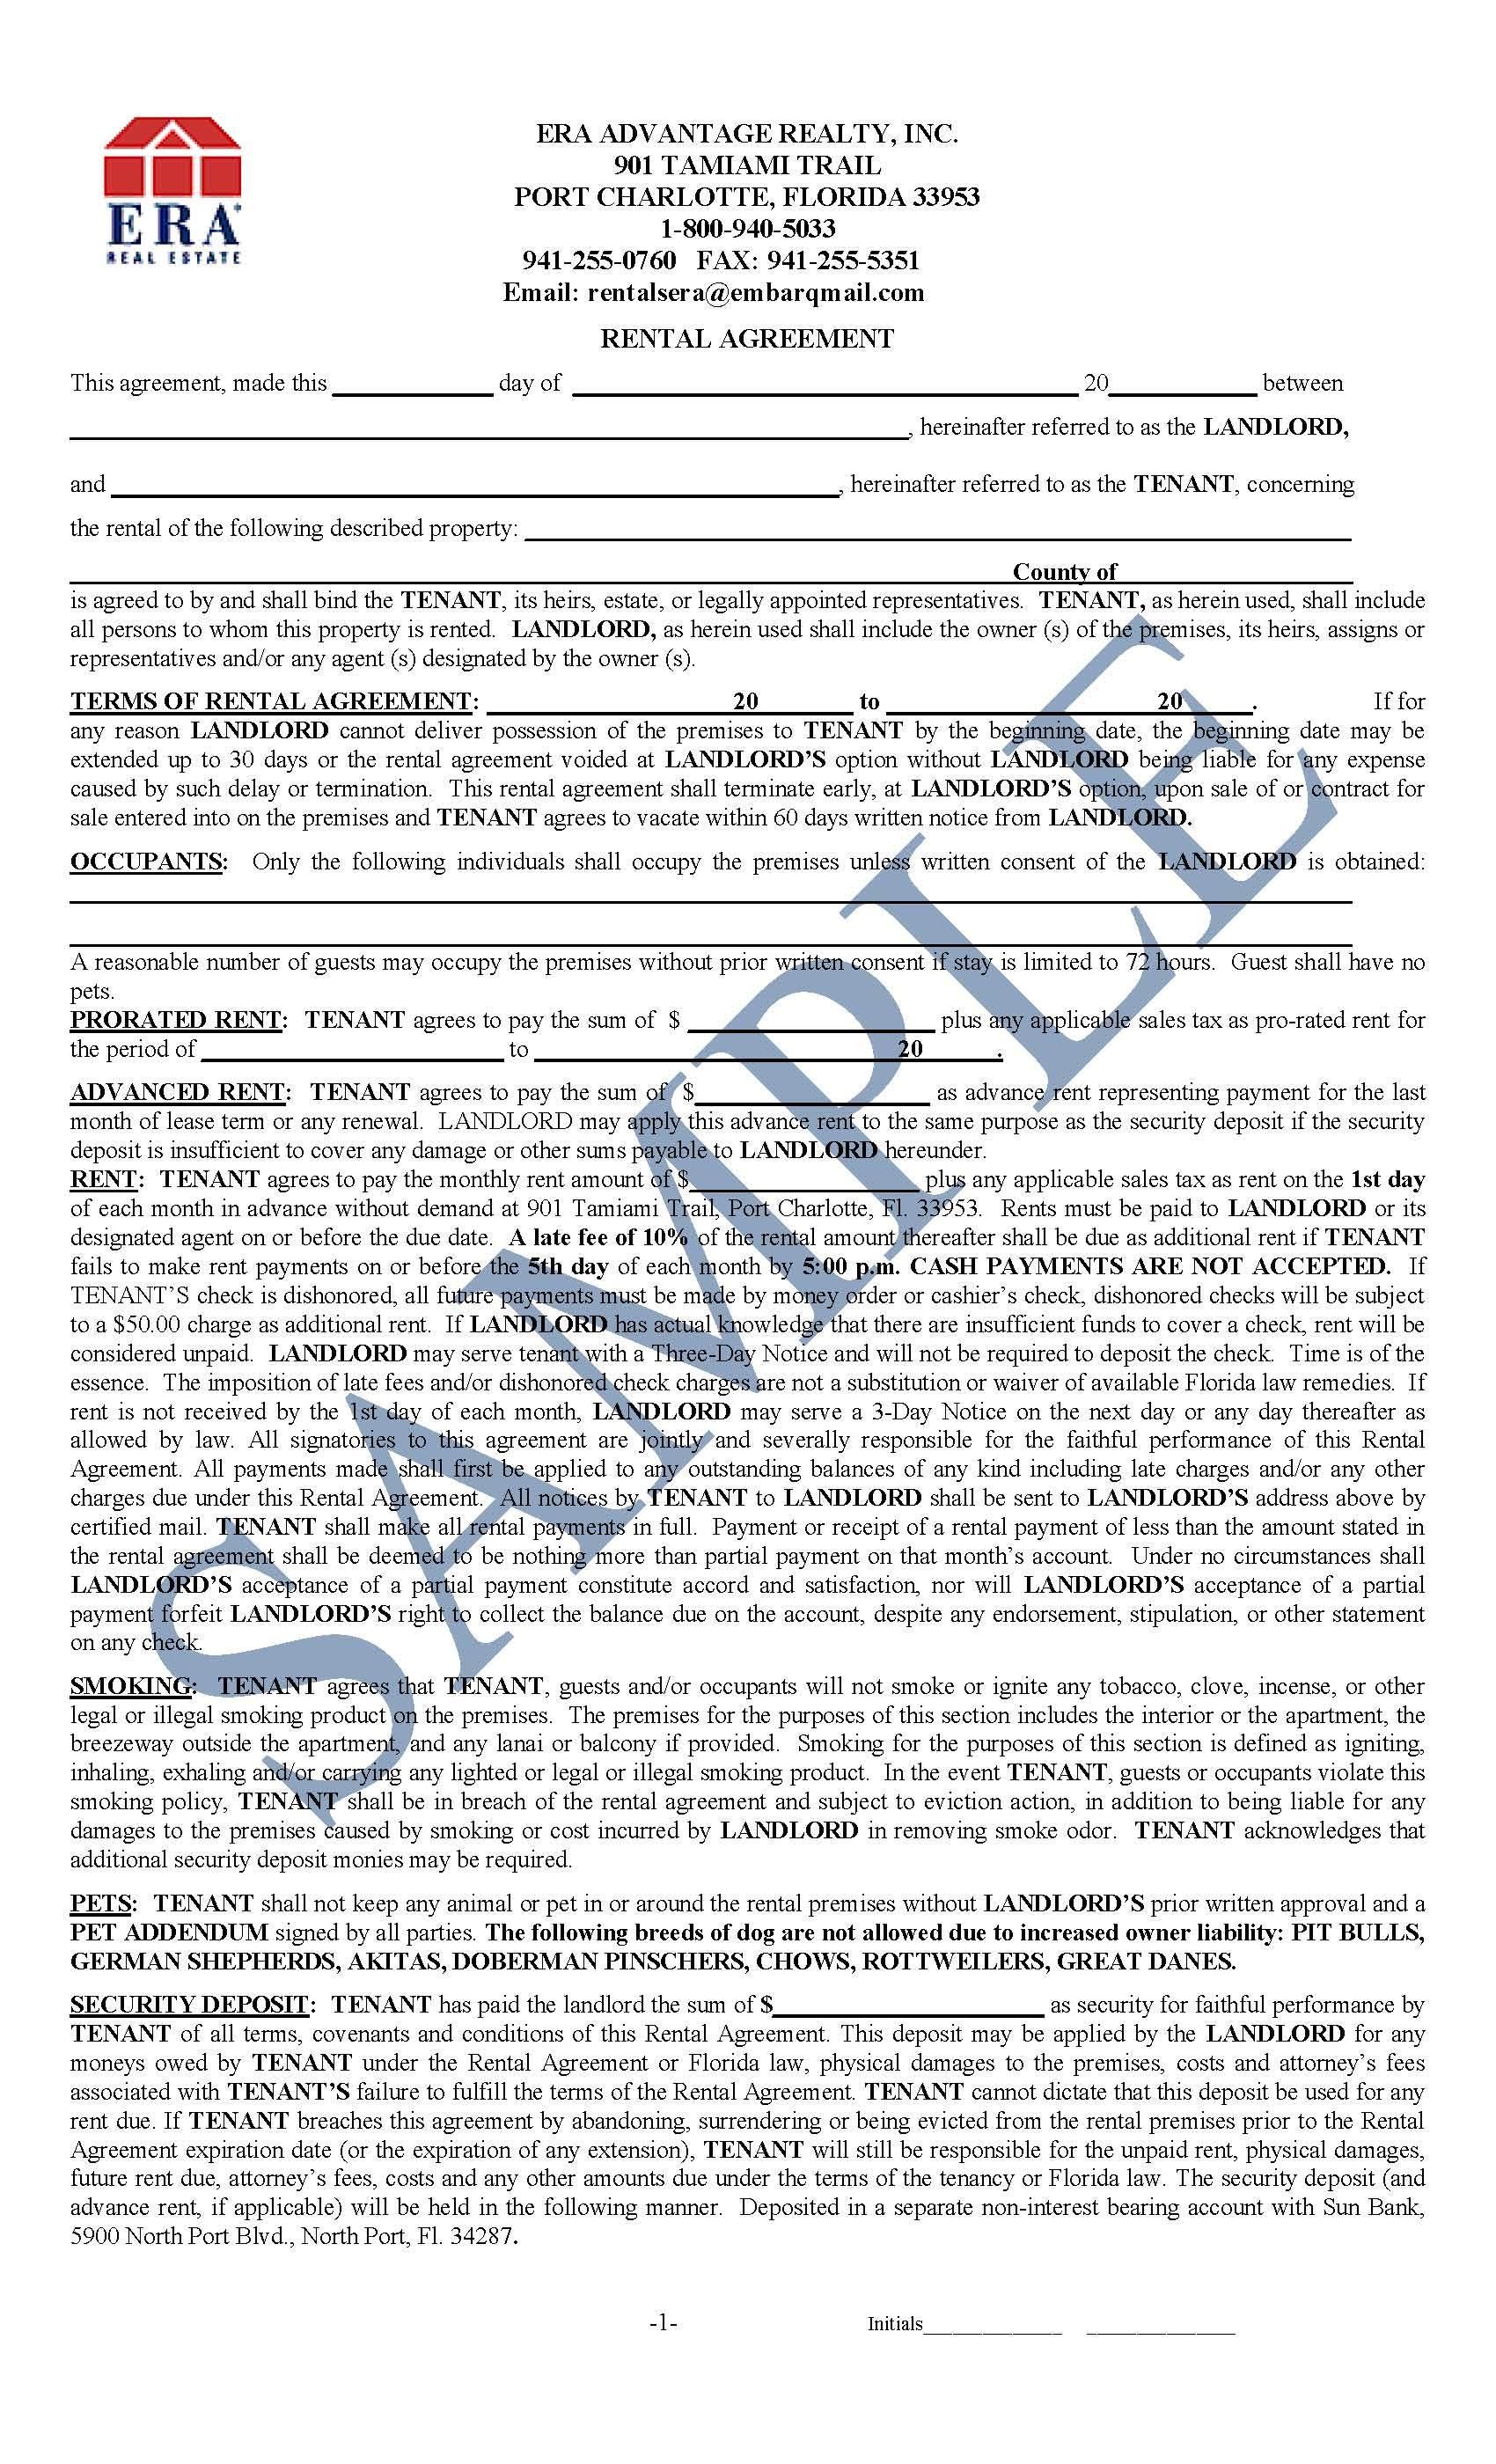 Sample Rental Agreement | Joel Ament | 941-255-5300 | Port Charlotte on printable eftps form, sample w-2 form, sample 1099 form, sba debt schedule form, registration form, payment plan form, sample amended tax return form 2012,